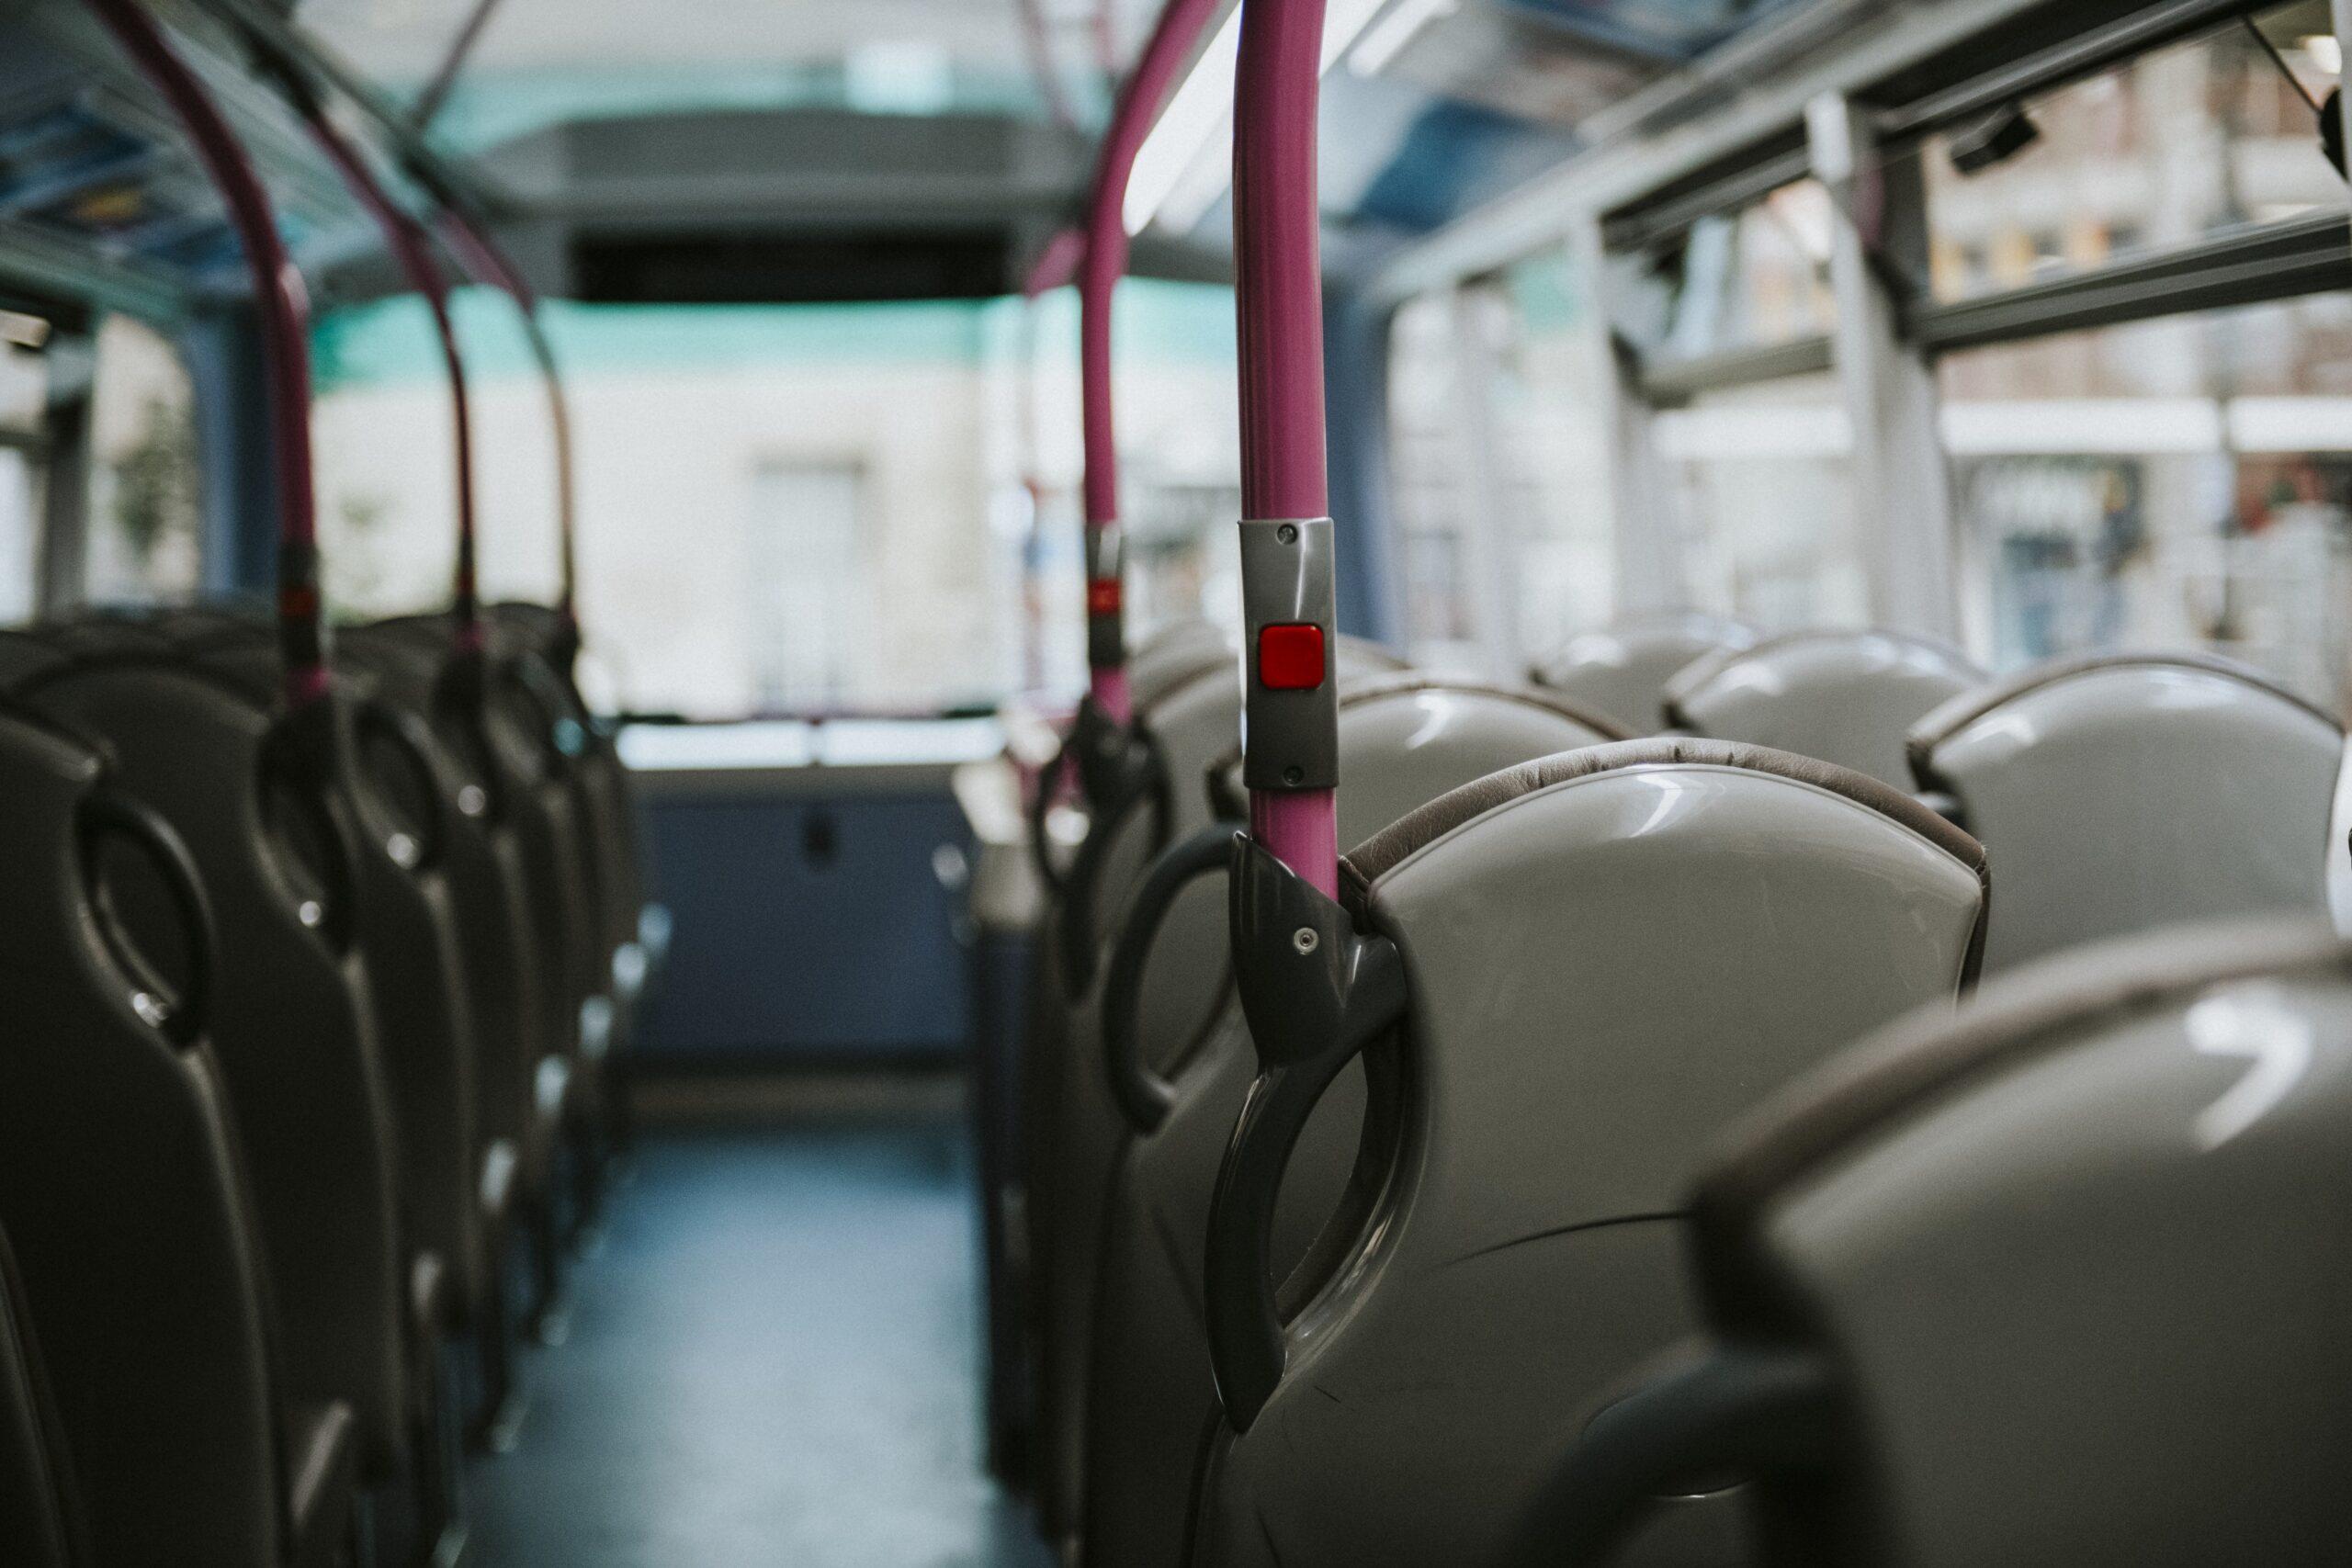 empty city bus